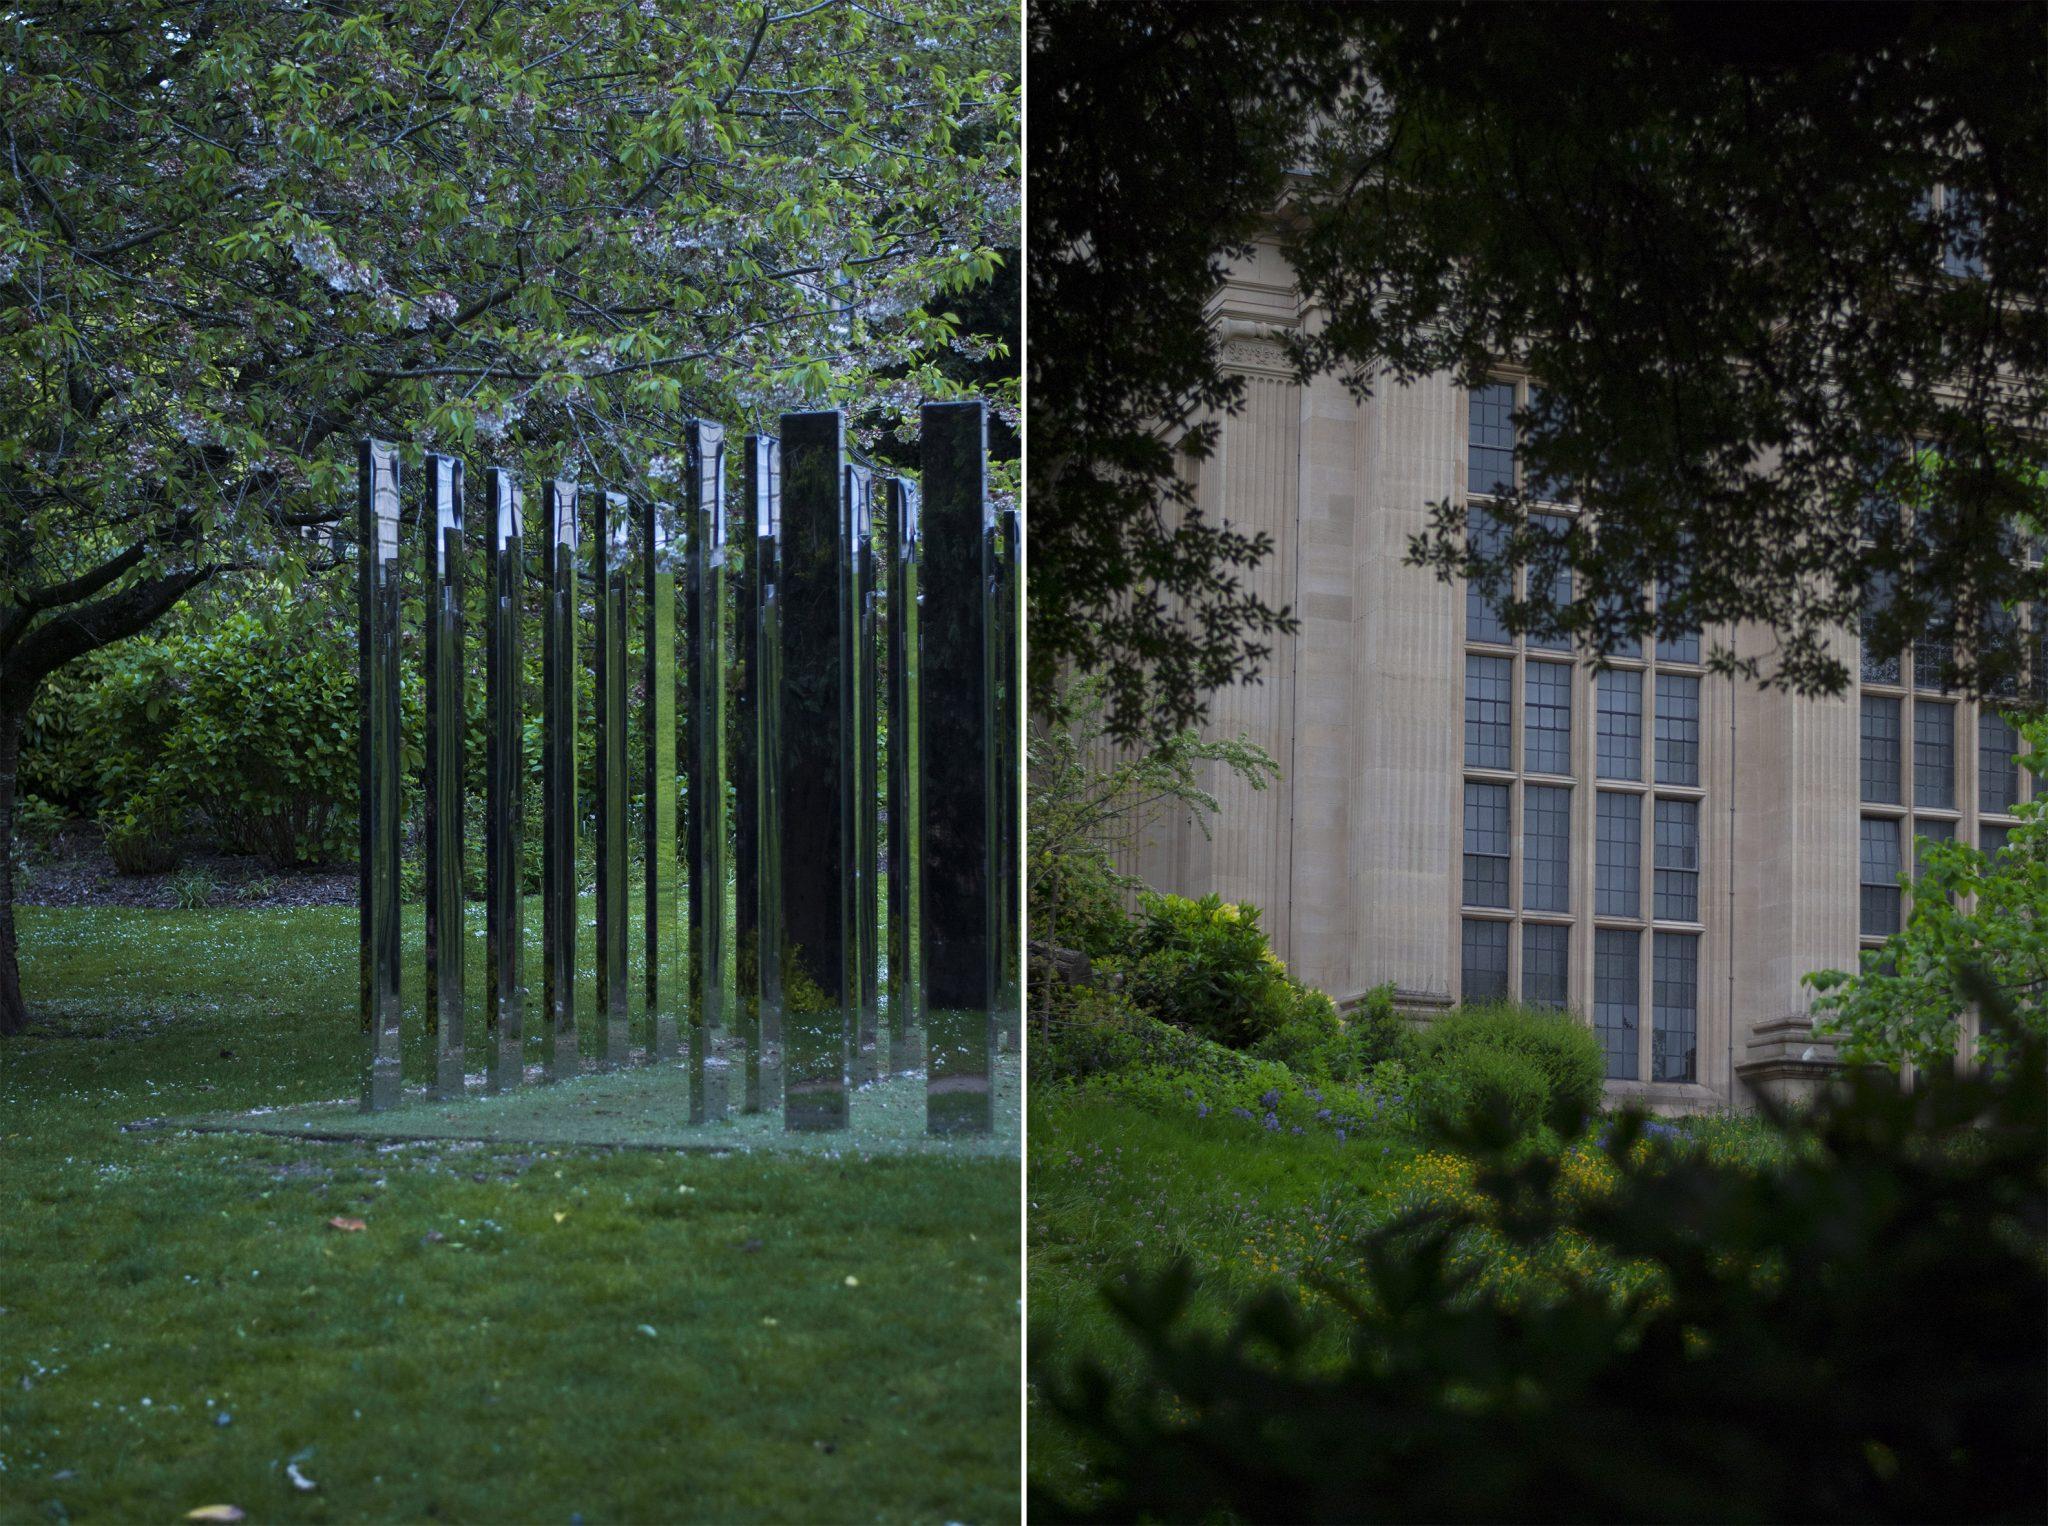 Ogórd przy Uniwersytecie